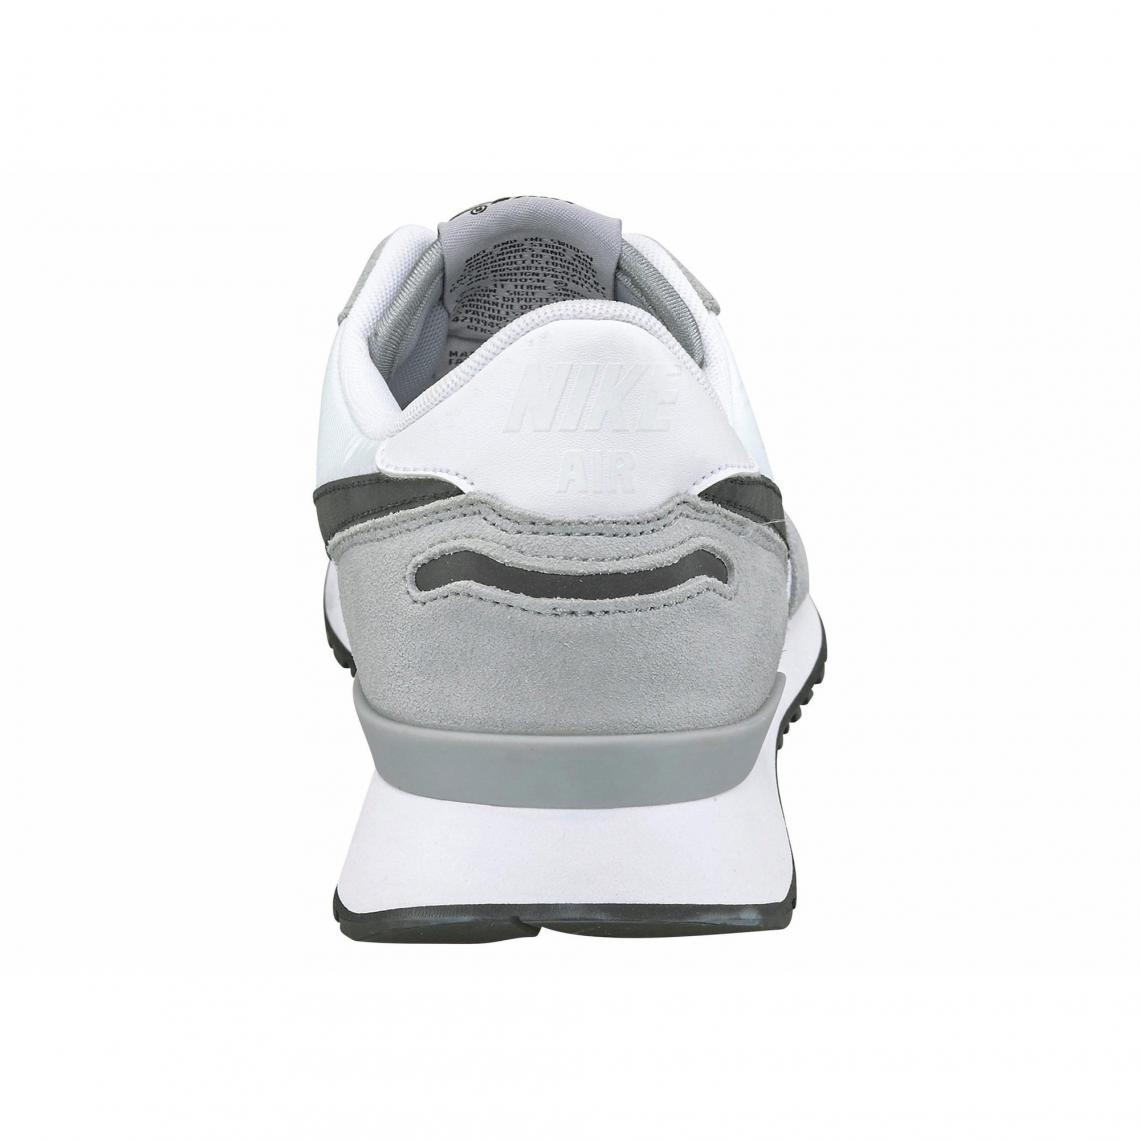 M Chaussures Sport Vortex Nike Homme Suisses Noir3 De Gris Air bfIYyv7g6